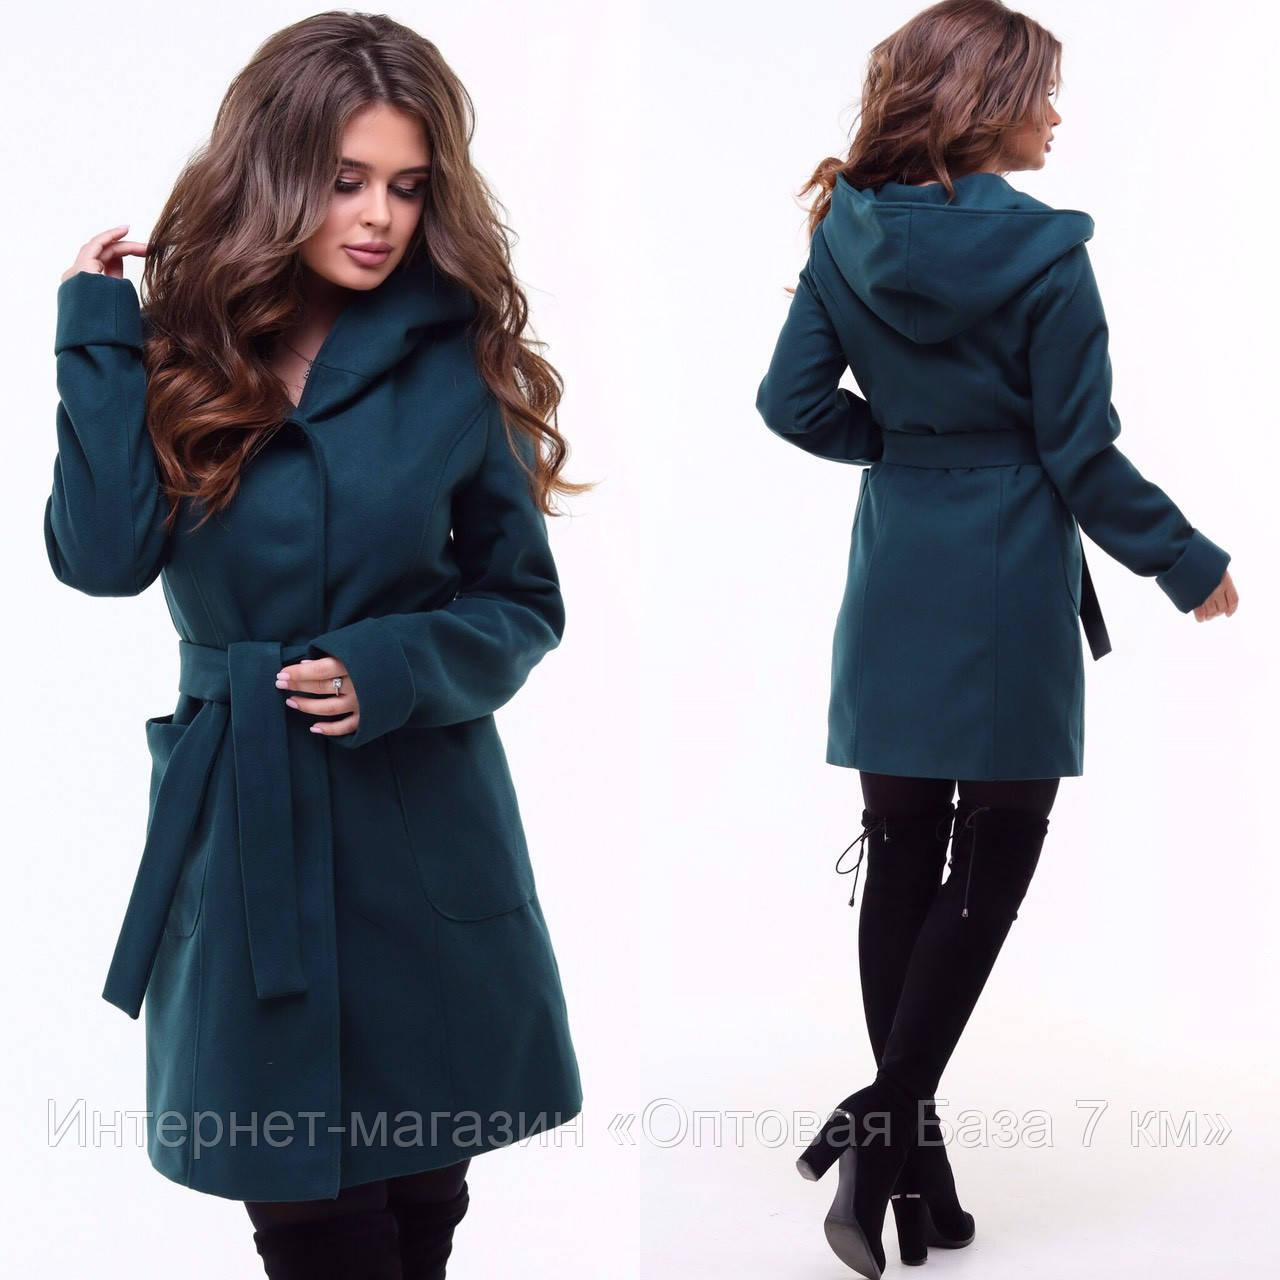 a99304438fe Пальто женское кашемировое на подкладке с капюшоном (42-48 норма) Украина